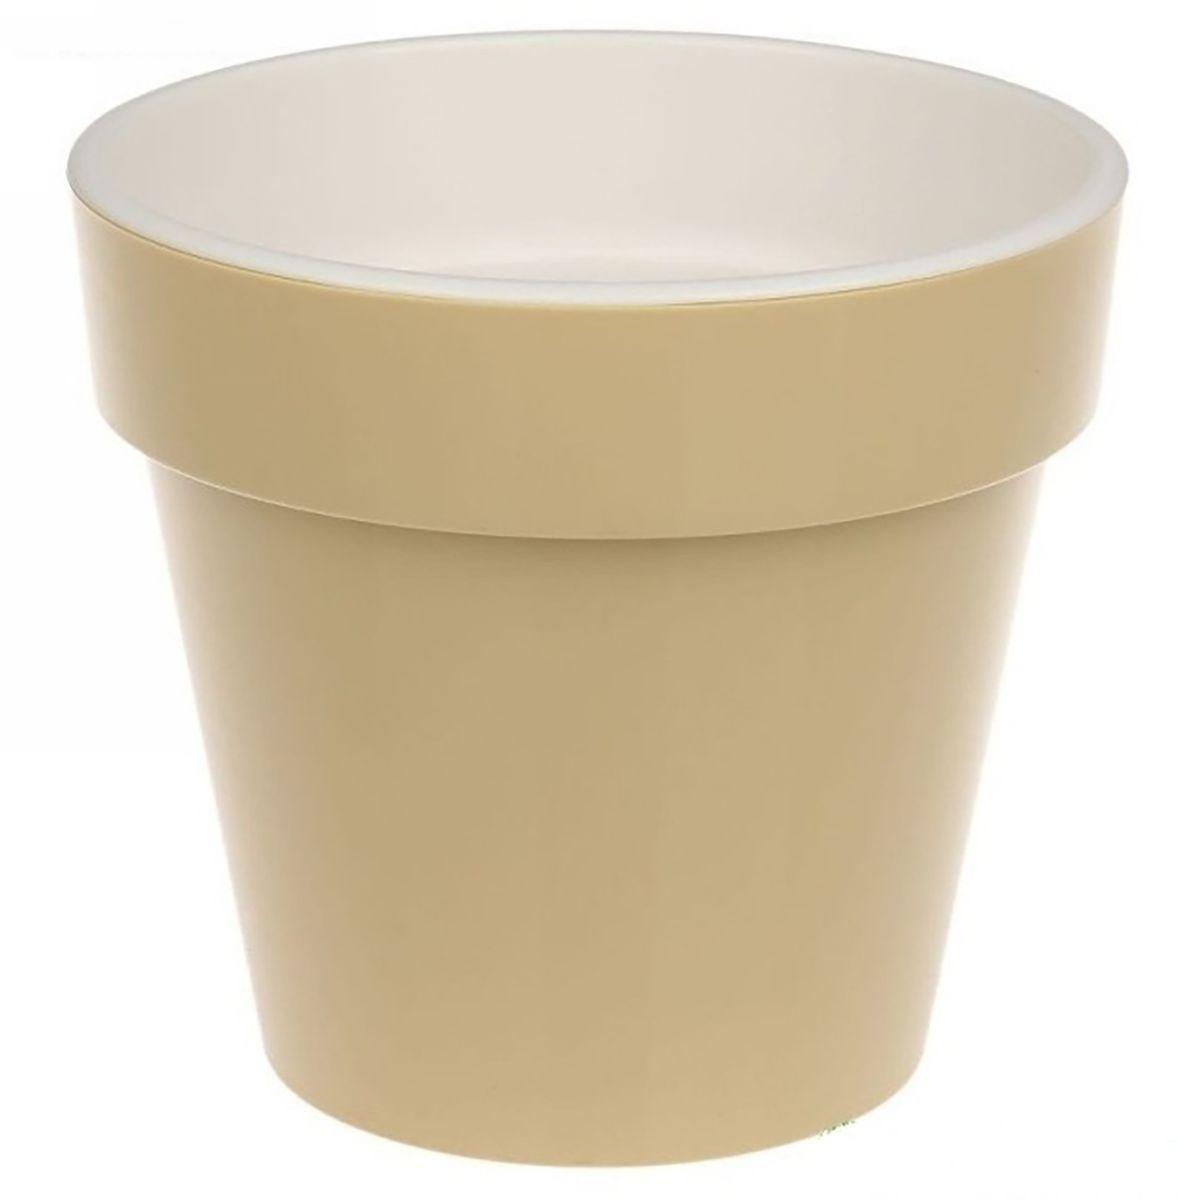 Кашпо JetPlast Порто, со вставкой, цвет: кремовый, 6 л4612754052950Кашпо Порто классической формы с внутренней вставкой-горшком. Дренажная вставка позволяет легко поливать растения без использования дополнительного поддона. Вместительный объем кашпо позволяет высаживать самые разнообразные растения, а съемная вставка избавит вас от грязи и подчеркнет красоту цветка. Оно изготовлено из прочного полипропилена (пластика). Такое кашпо порадует вас функциональностью, а благодаря лаконичному дизайну впишется в любой интерьер помещения. Объем кашпо: 6 л.